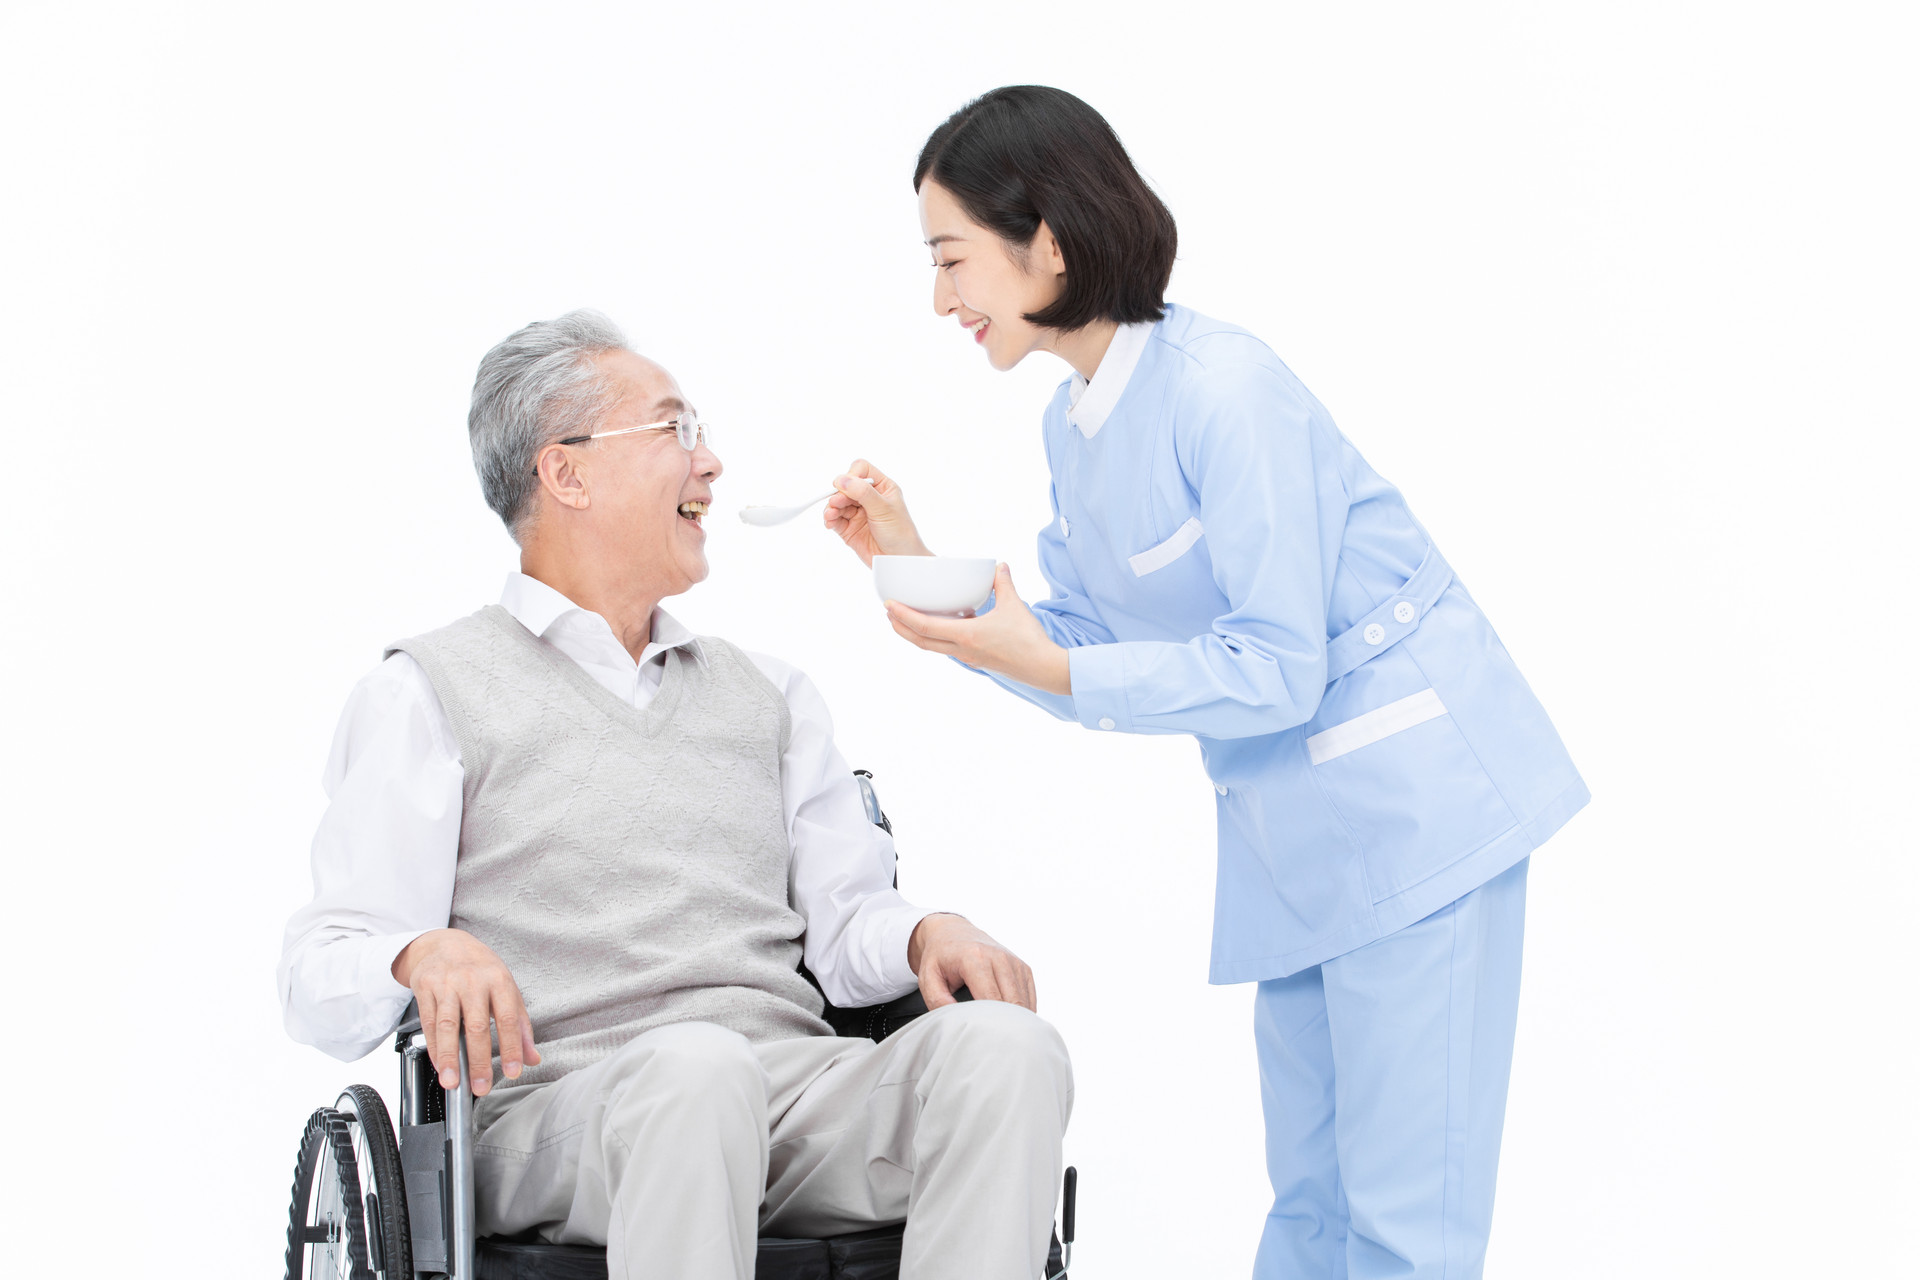 人寿保险险种都有哪几种?推荐产品有哪些